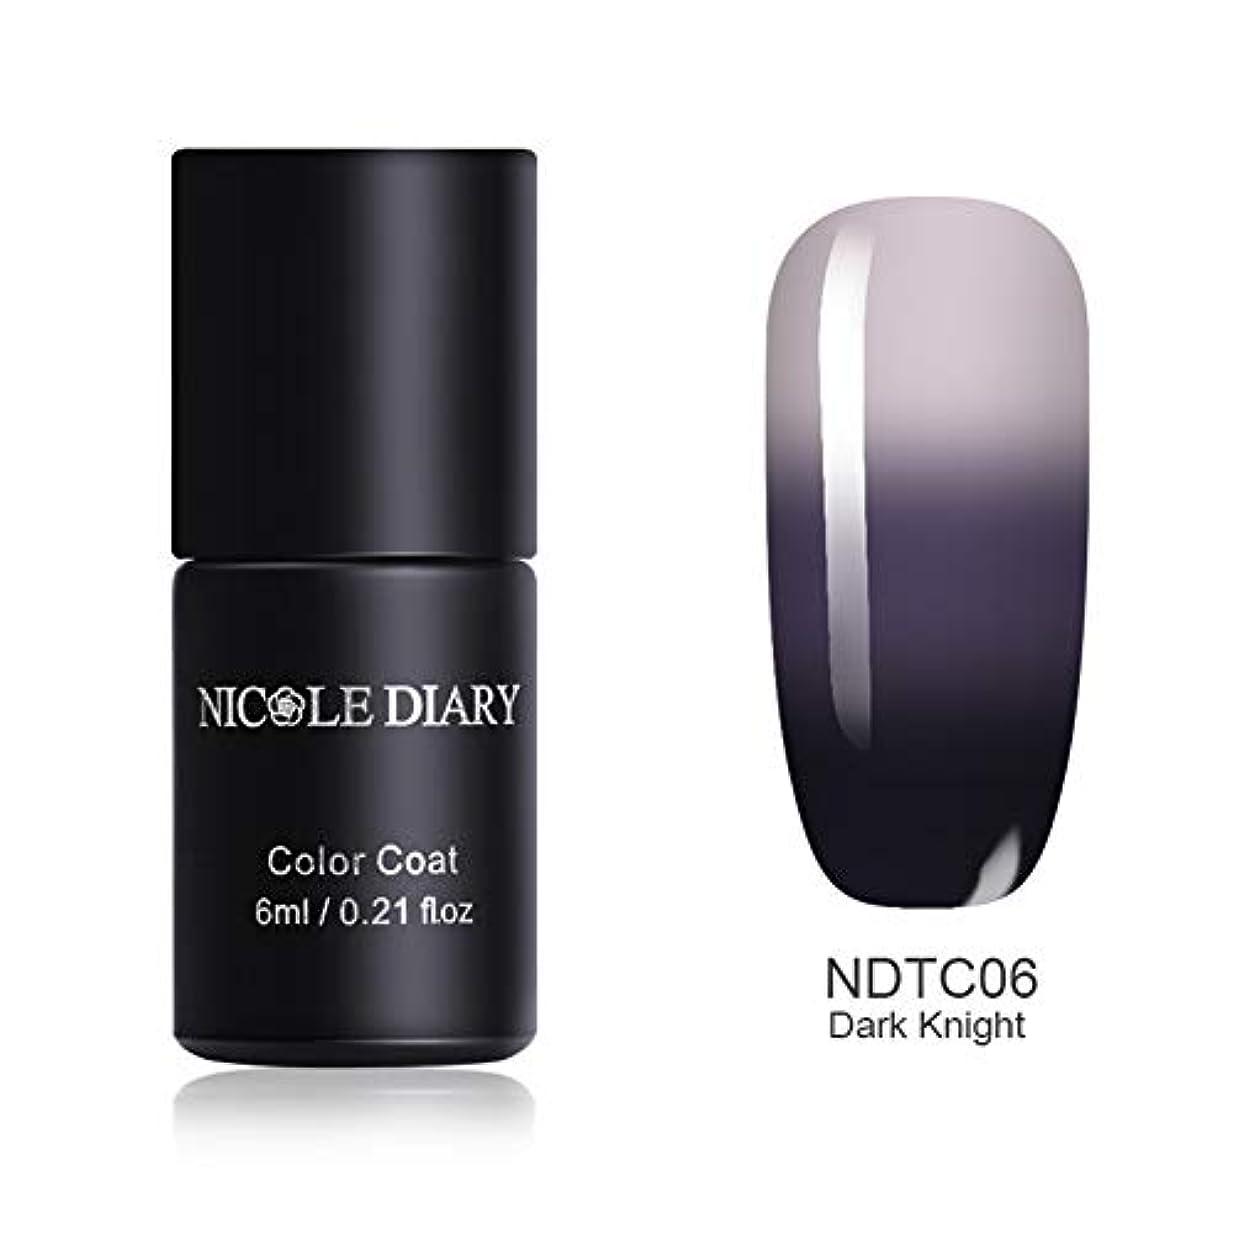 追跡密輸審判NICOLE DIARY 温度によって色が変わるジェル 3段階の色に変化 カメレオンジェル 6ml UV/LED対応 6色 マジックカラージェル ジェルネイル NDTC06 Dark Knight [並行輸入品]